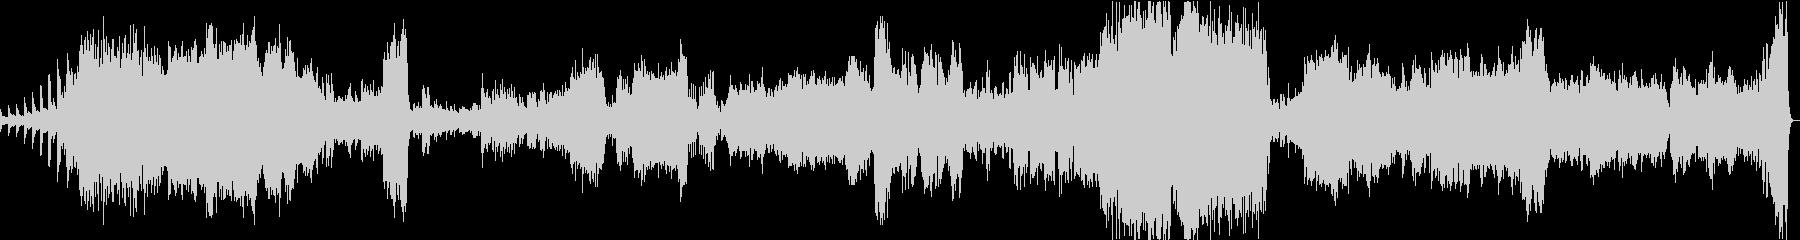 ラフマニノフ:ピアノ協奏曲2番1楽章の未再生の波形